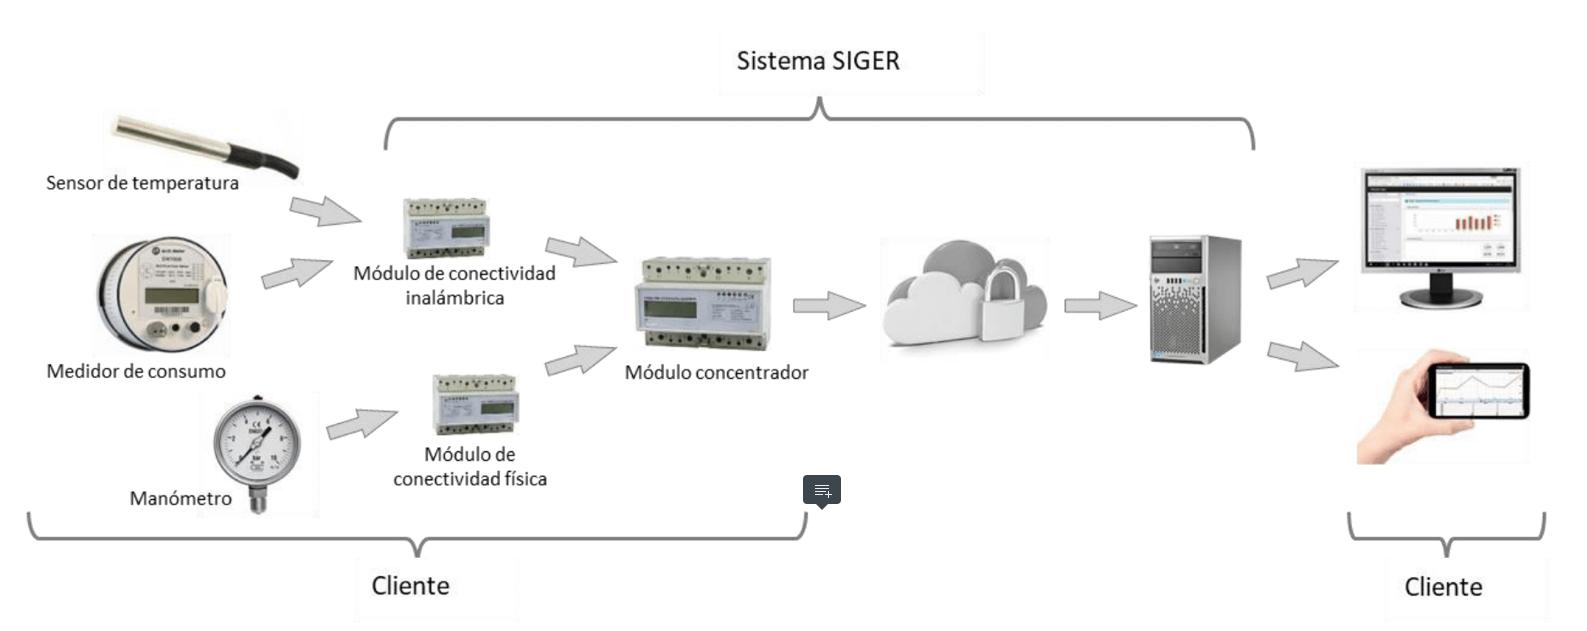 Sistema Siger